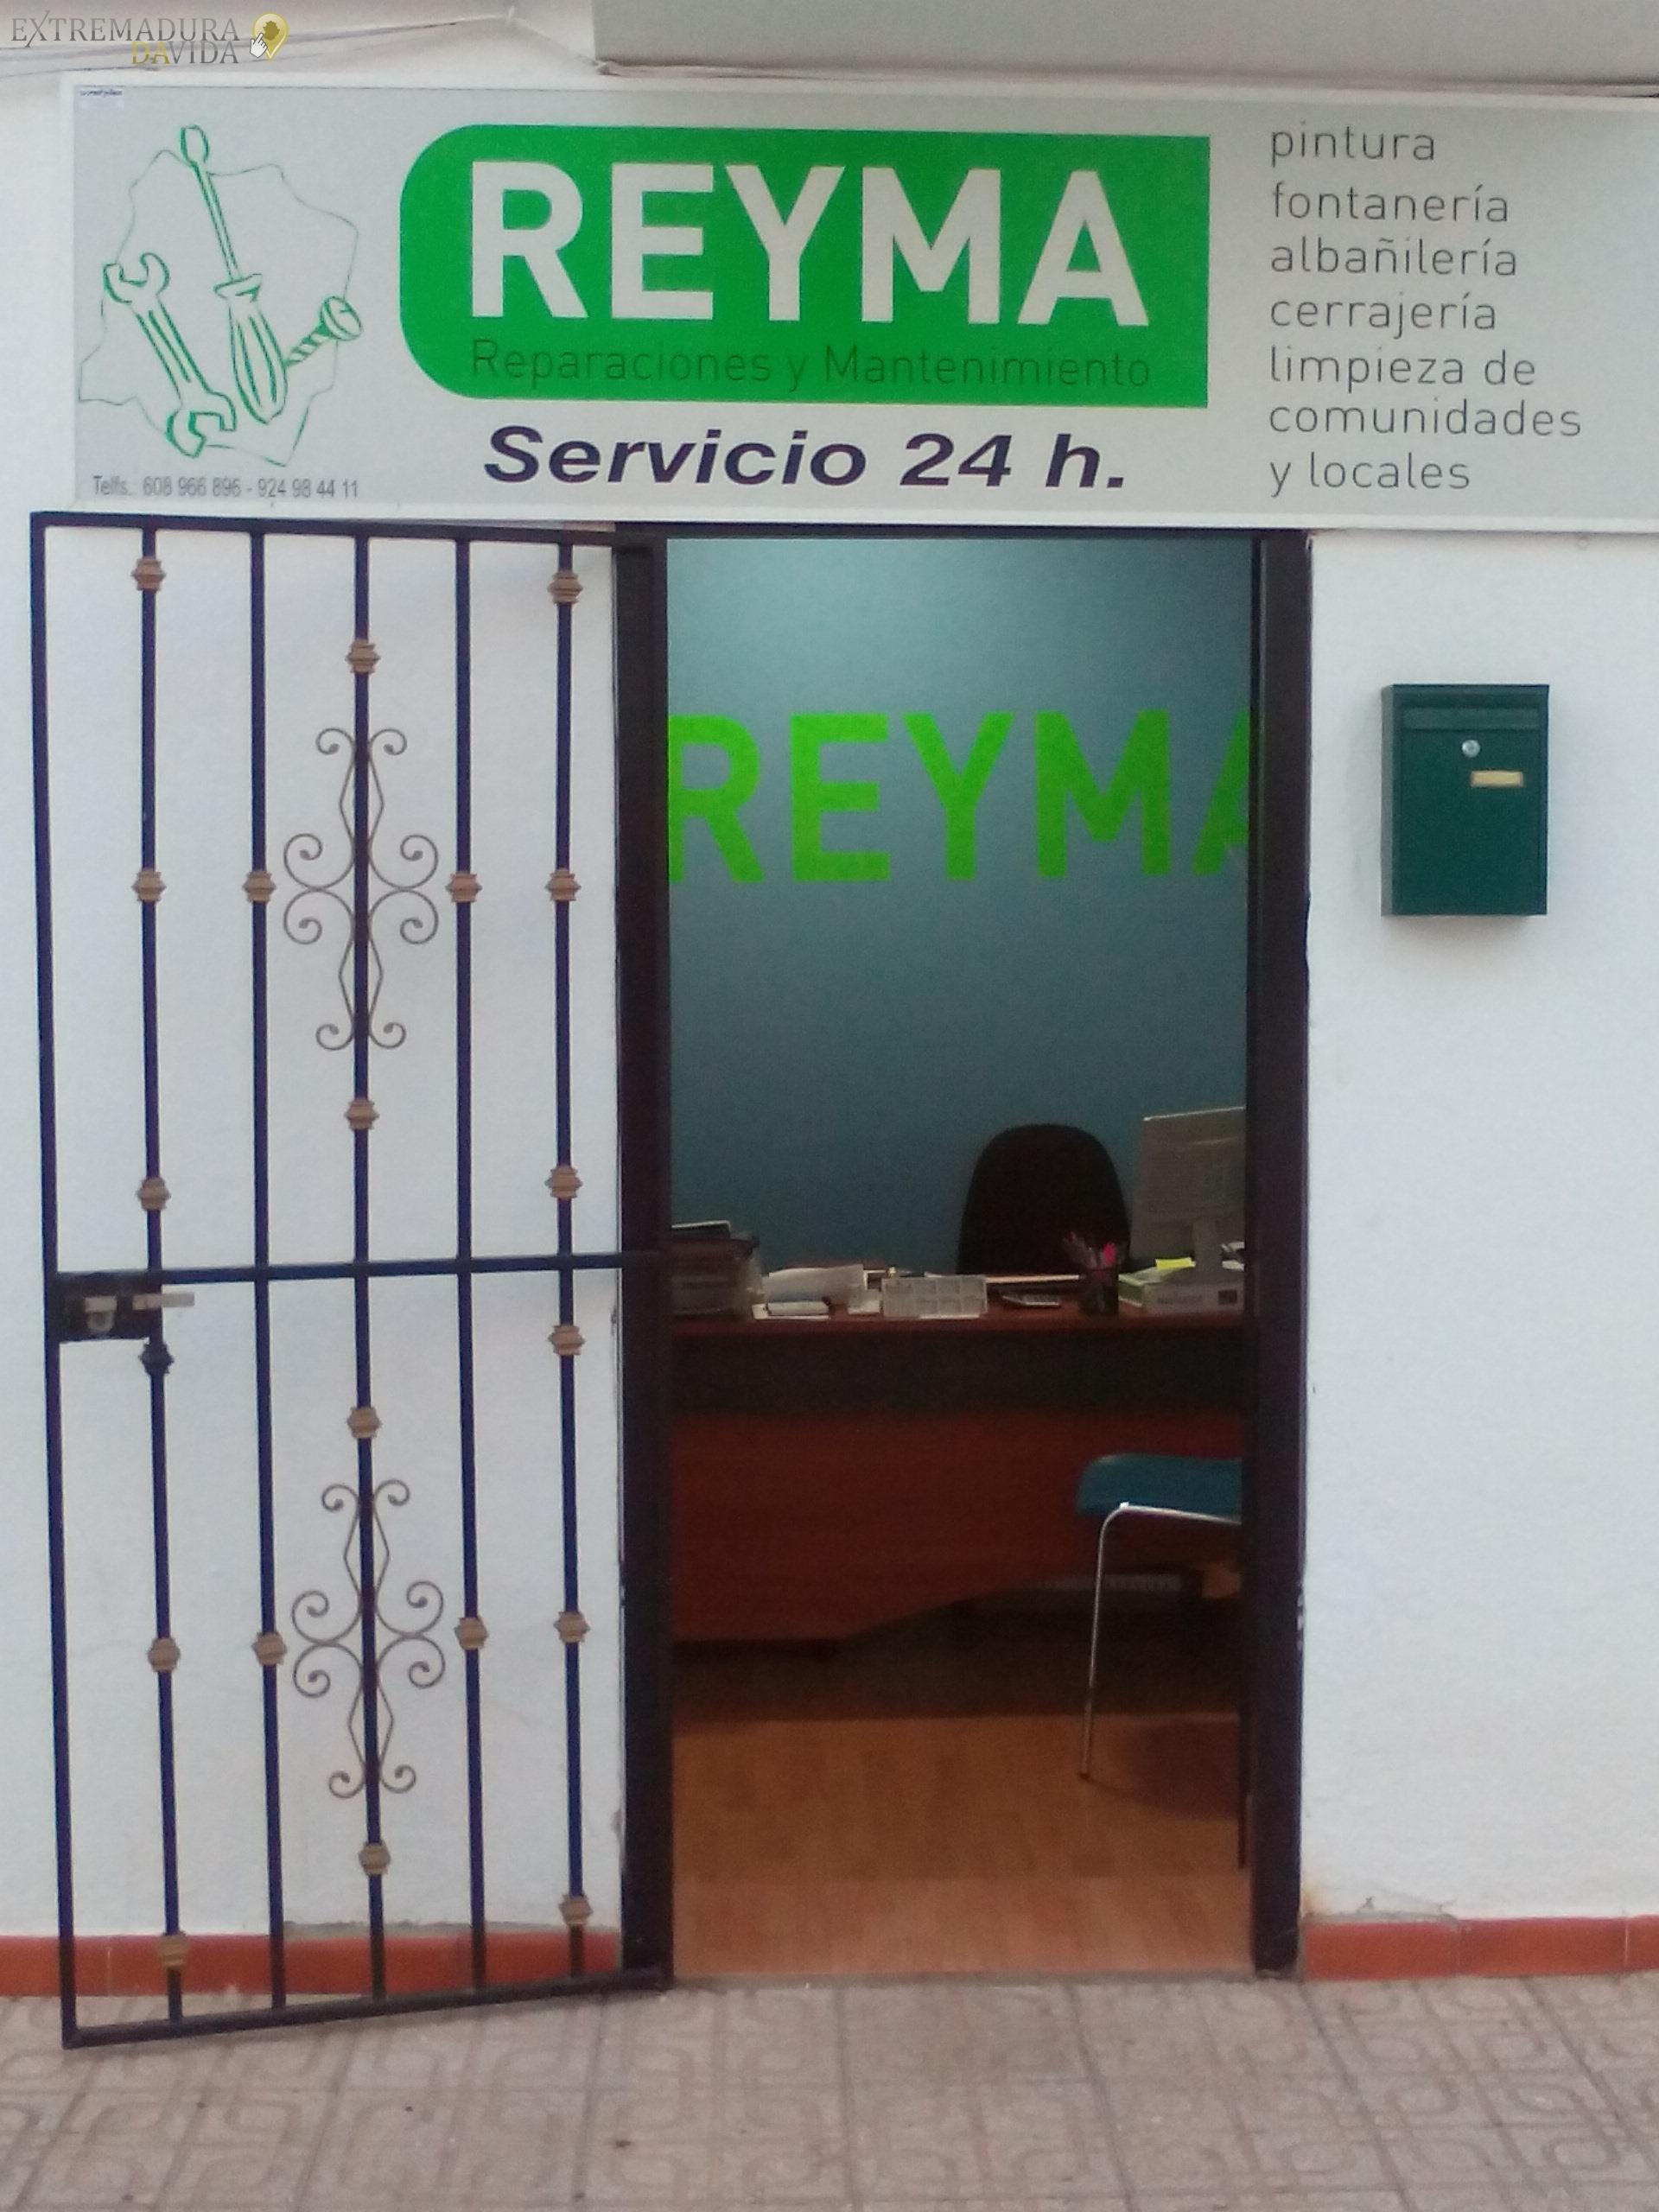 Reformas Fontanería Y Reparaciones en Almendralejo Reyma